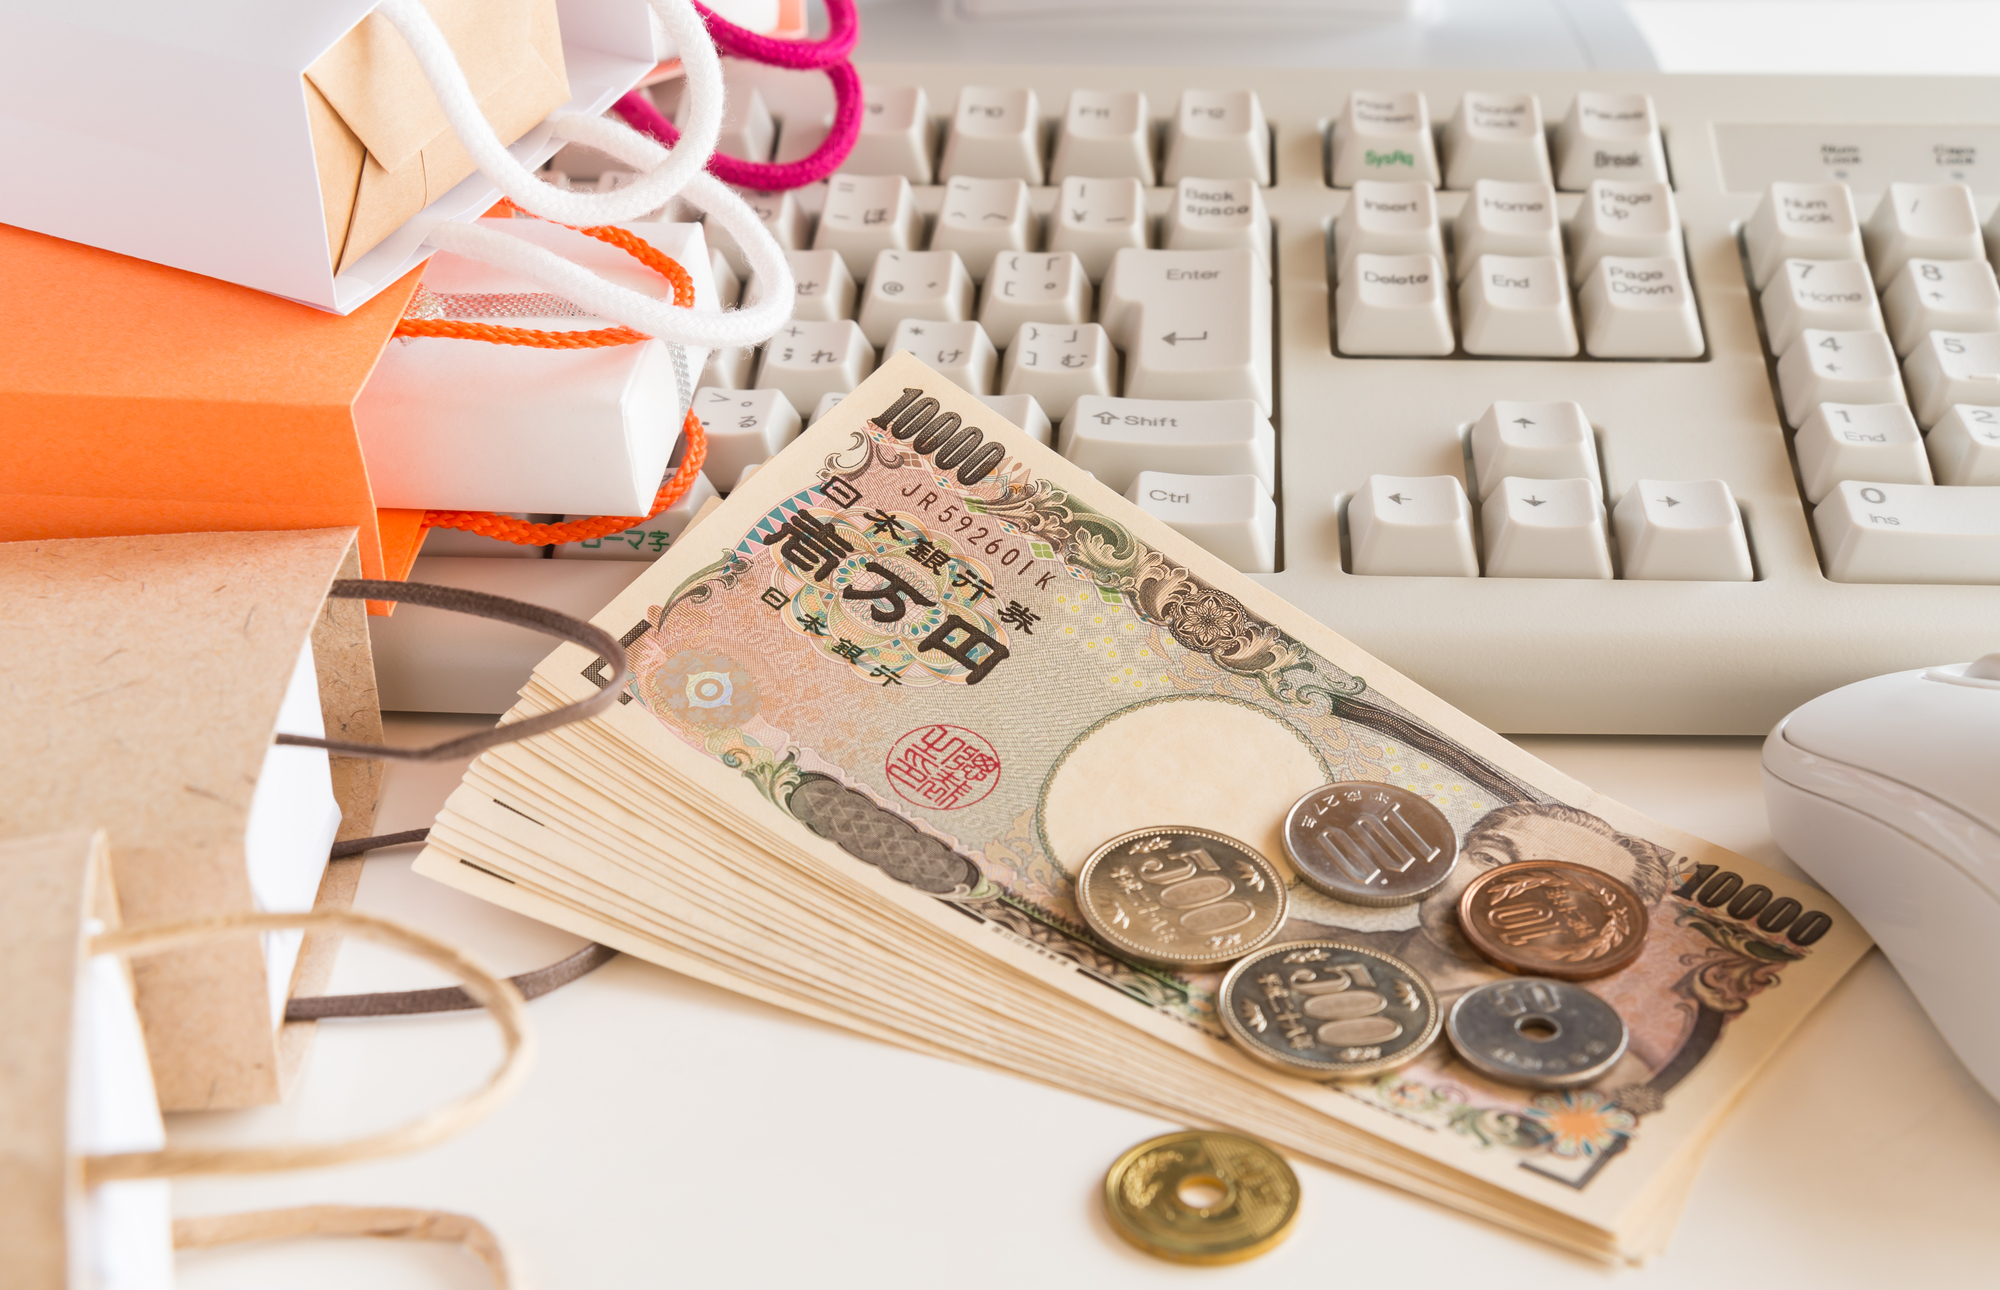 <物販ビジネス>は初心者でも簡単に、しかもすぐに稼げる方法だった!